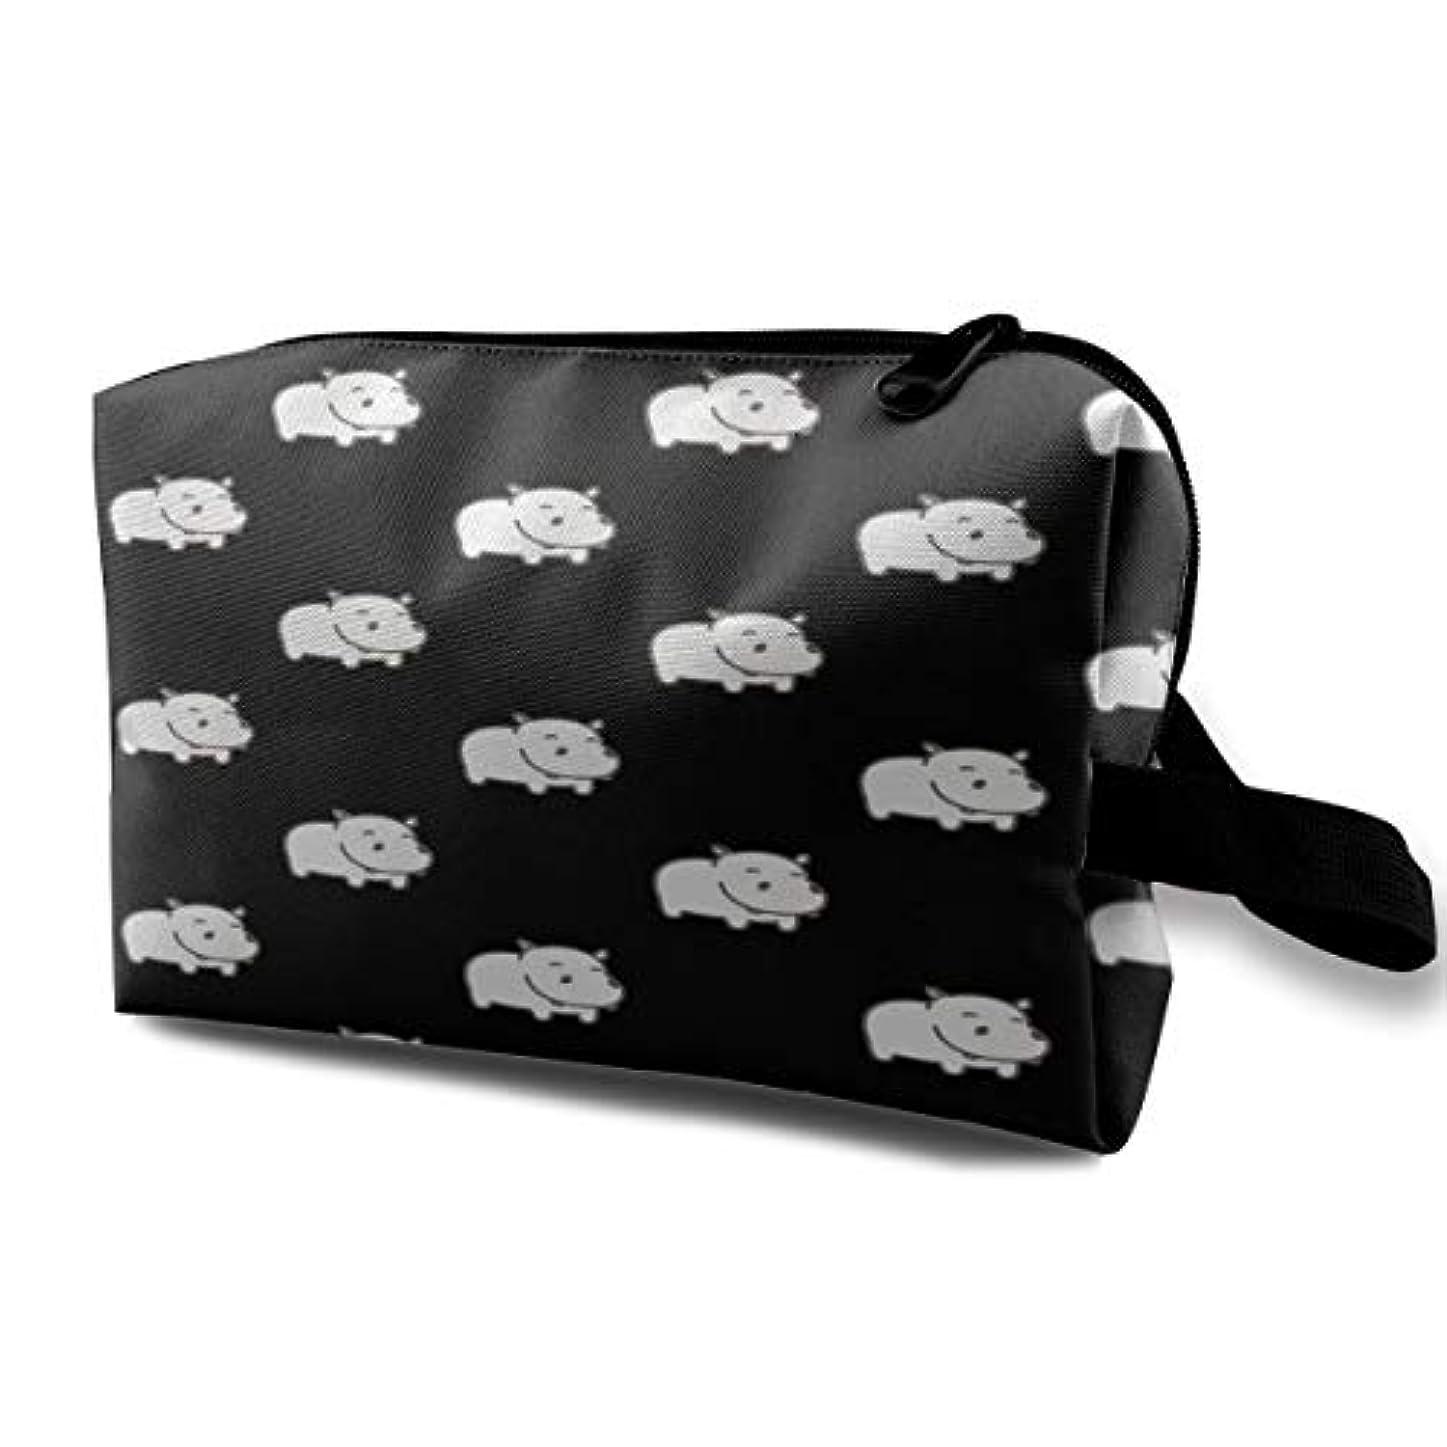 赤字効能ある異邦人Baby Hippo Pattern 収納ポーチ 化粧ポーチ 大容量 軽量 耐久性 ハンドル付持ち運び便利。入れ 自宅?出張?旅行?アウトドア撮影などに対応。メンズ レディース トラベルグッズ